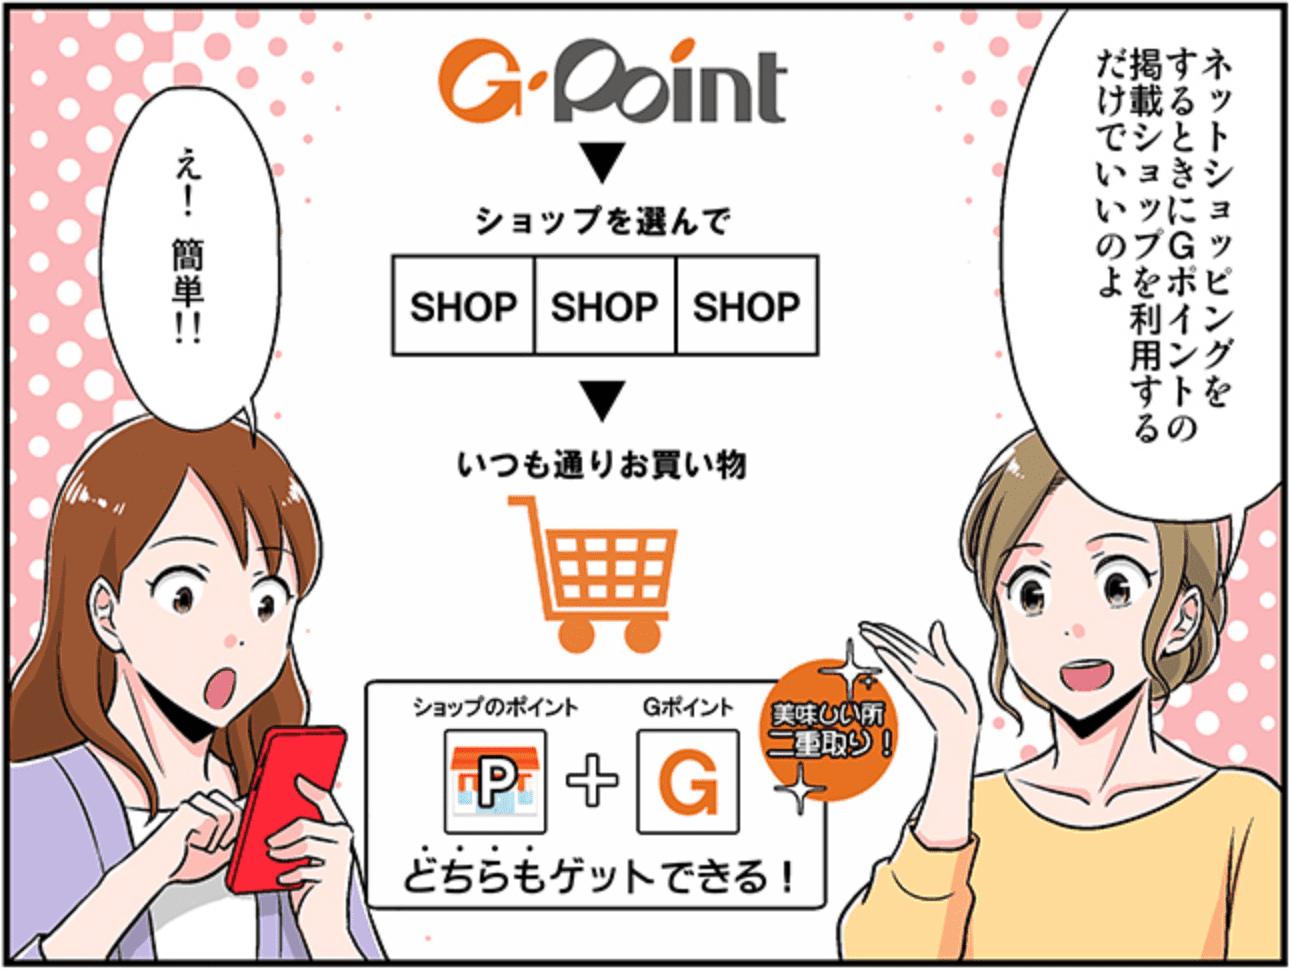 メリット⑤:買い物ではポイントの2重取りが可能